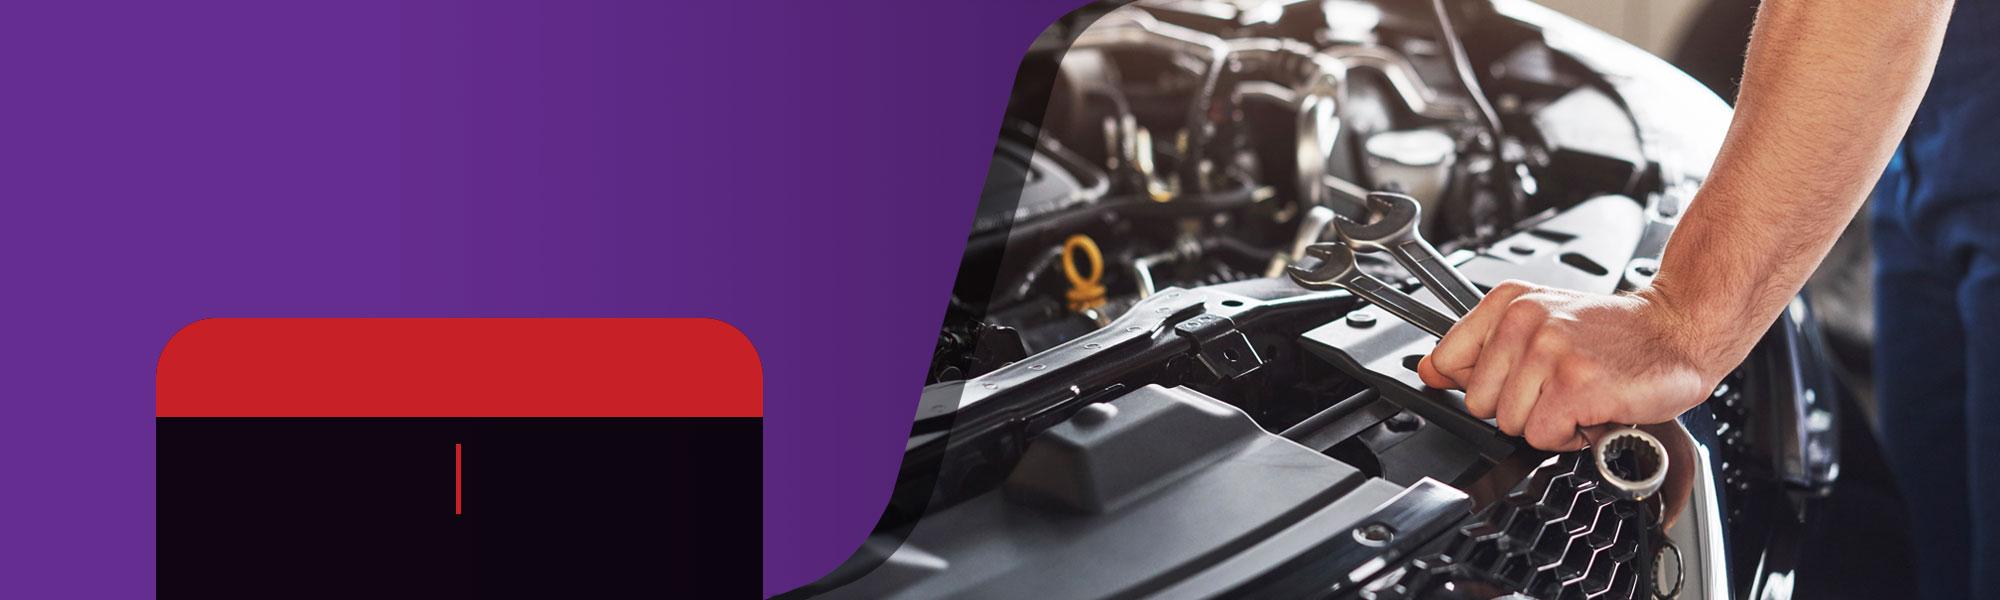 خدمات گارانتی مدیران خودرو، گارانتی ام وی ام، گارانتی چری، خدمات پس از فروش chery و mvm